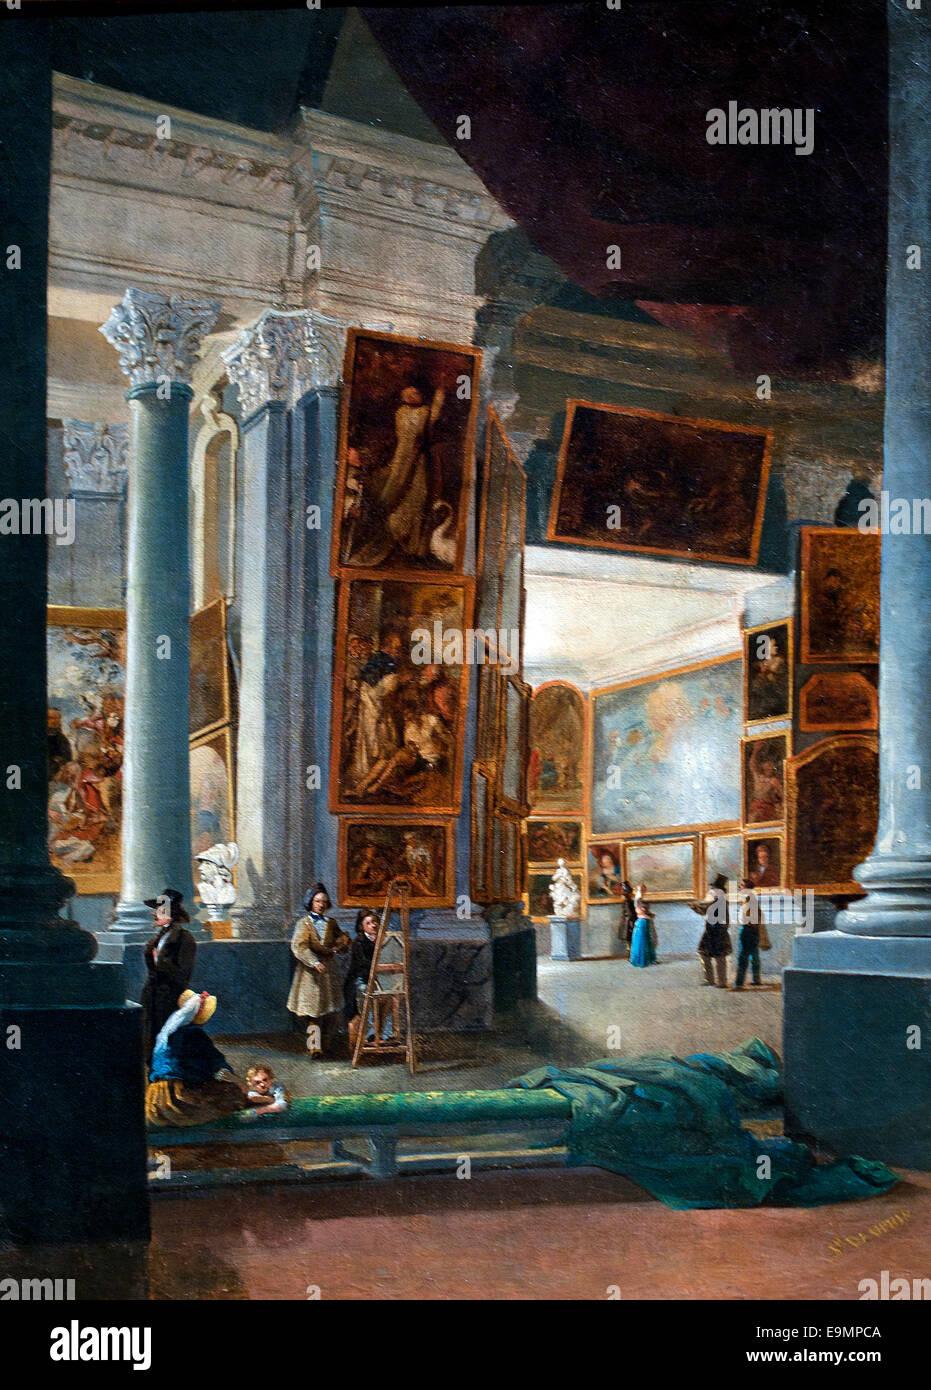 Musee des Beaux Arts Marsiglia - Museo delle Belle Arti a Marsiglia Giuseppe Dauphin 1821-1849 Francia - Francese Immagini Stock